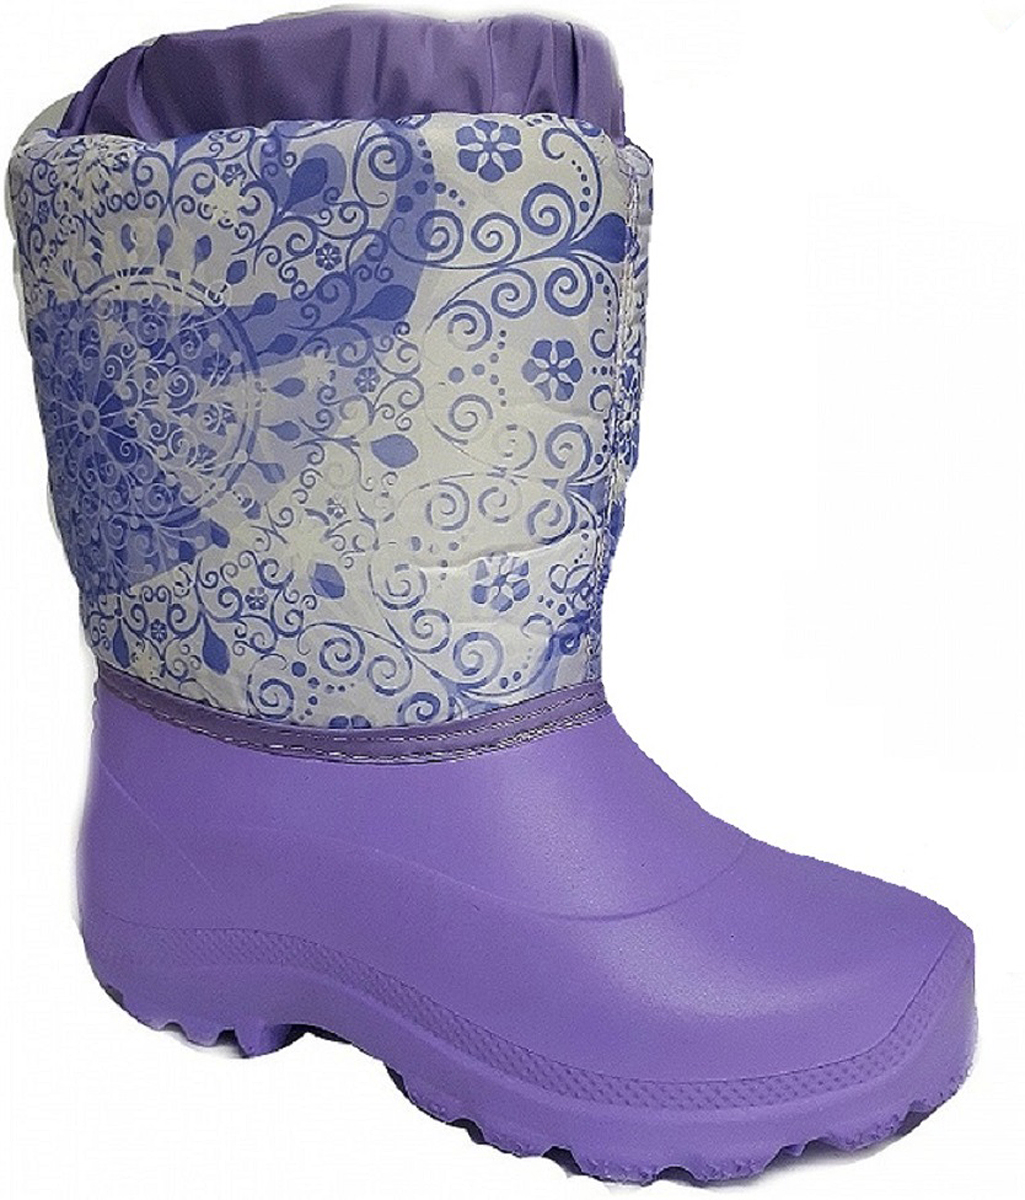 Норды детские Дарина Варенька, цвет: сиреневый. Размер 28-29Д604/28-29сиреньНорды детские Варенька очень легкие и теплые.Низ норда выполнен из морозостойкого материала ЭВА, и анти-скользящей подошвы. Верх норда выполнен из сверхпрочного материал Step и многослойной водоотталкивающей ткани - Drive, что позволяет сохранить ноги Вашего ребенка в тепле и сухости.Тип: Сапоги. Утепленные: да. Температурный режим: до -20С. Дизайн: для детей. Страна производителя: Россия.Сырье продукта: ЭВА. Материал подошвы: ЭВА. Cостав текстильного элемента: фиксатор, люверсы, шнур-резина, молния. Название ткани: Дюспо 210 + ППУ. Свойства ткани Дюспо – это прочная ткань из синтетических волокон (нейлона или полиэстера) определенной структуры с нанесенным полиуретановым покрытием (PU или PVC). Это покрытие обеспечивает водонепроницаемость ткани оксфорд и препятствует накоплению грязи между волокнами. Рулонный пенополиуретан (ППУ) широко используется в обувной промышленности. Не съёмный. Кол-во слоев: 3. Вид ткани: ворсин + стелька ЭВА. Состав ткани: однослойное ворсованное полотно из полиэстера. Поверхностная плотность 400 г/м2. Используется как альтернатива искусственному меху. Швы 0,5-0,7. Технология шва: стачной шов с открытым срезом, стачной шов с обметанным срезом, окантовка верхнего среза тесьмой.